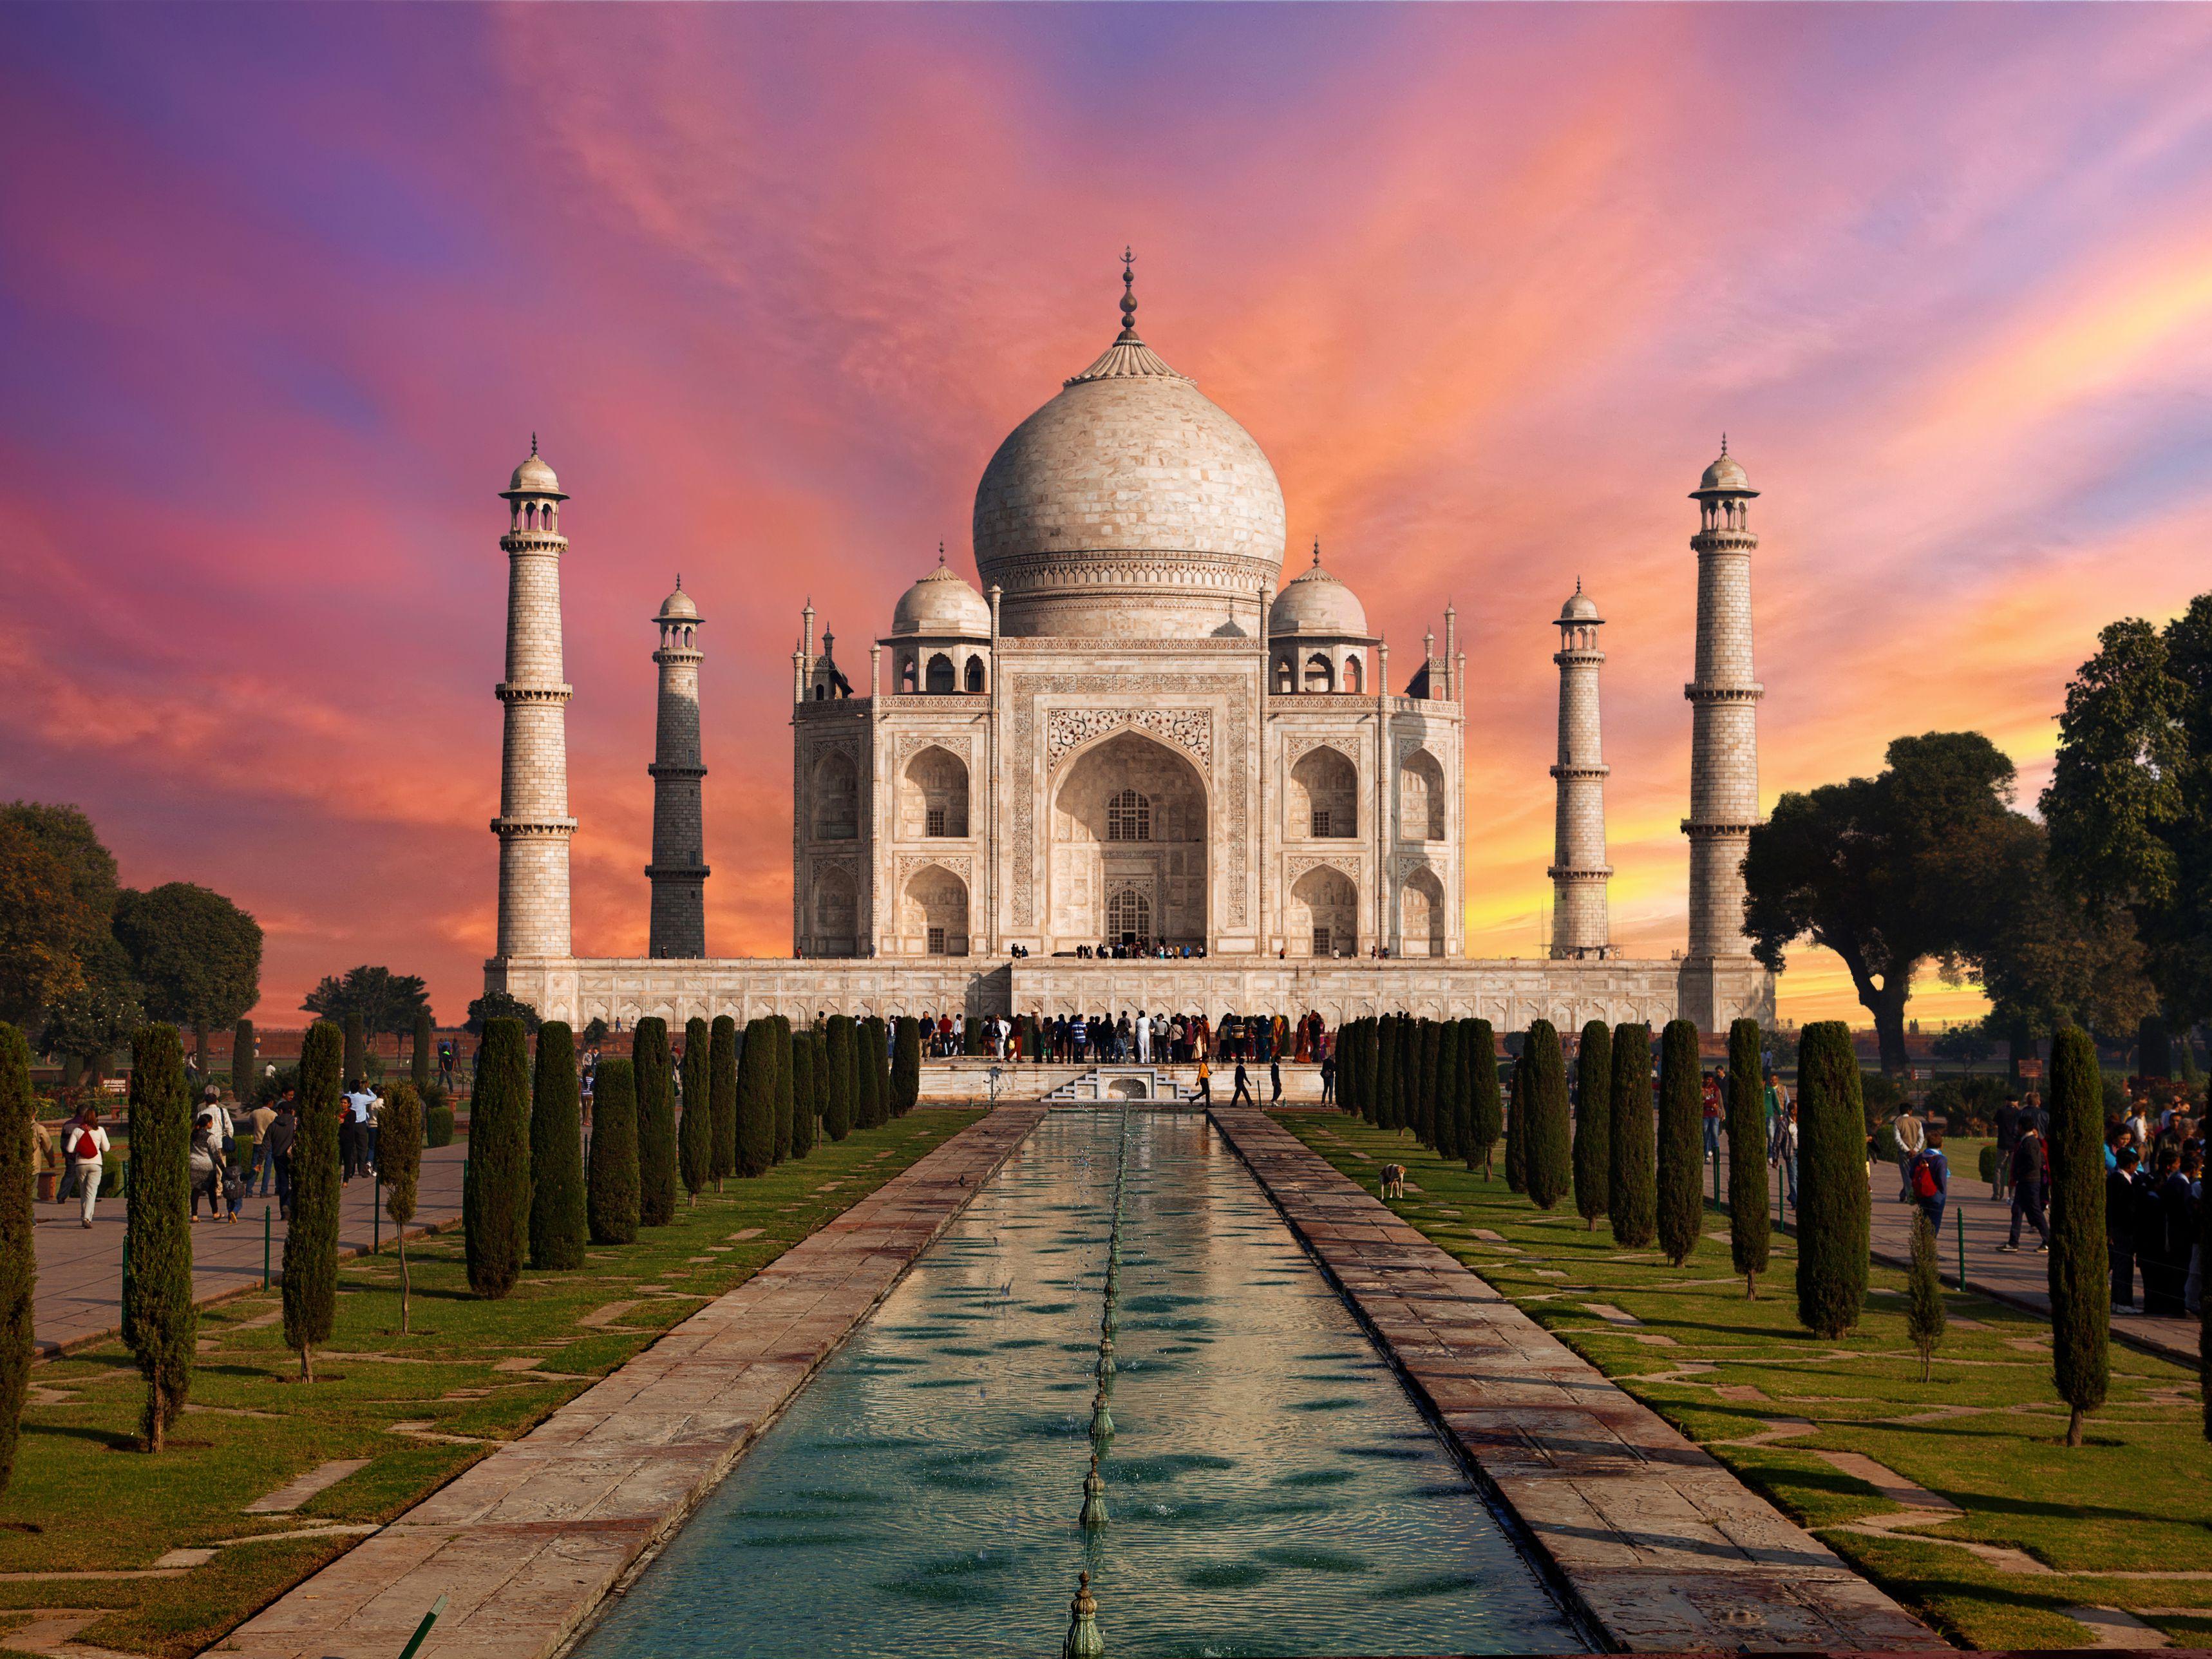 The History of the Taj Mahal